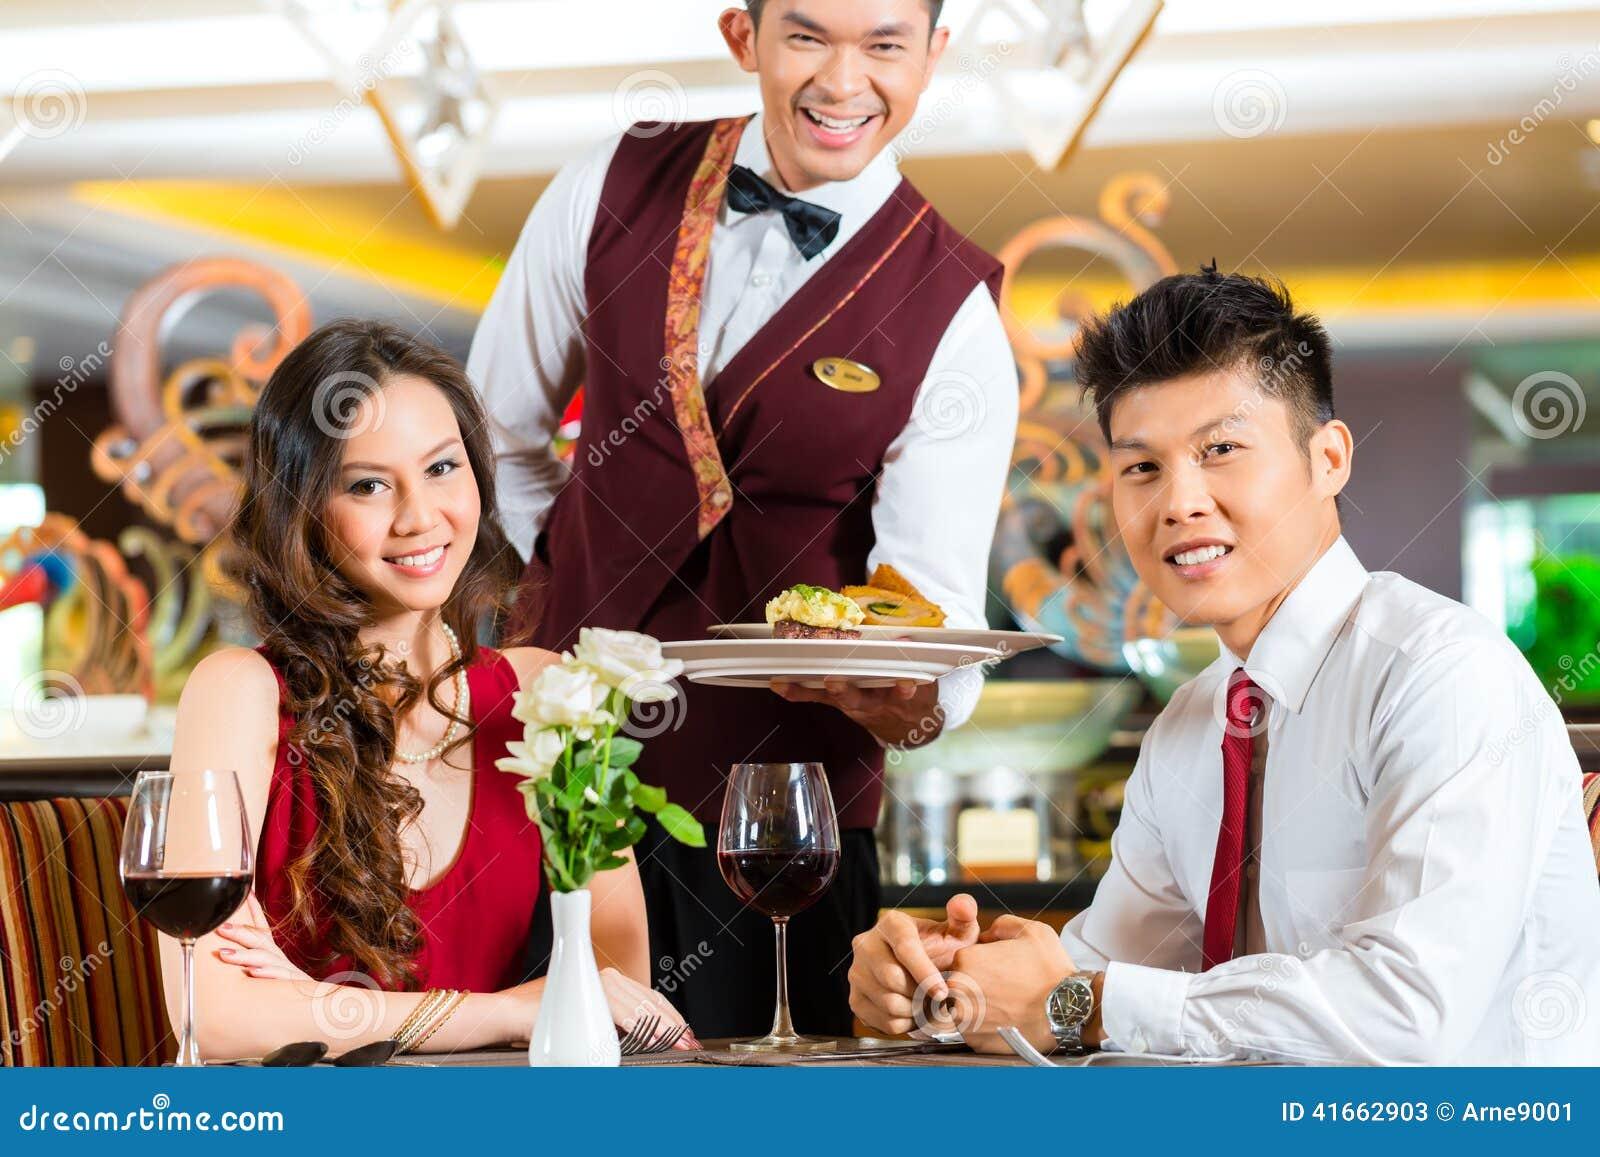 Chinese Waiter Serving Dinner In Elegant Restaurant Or